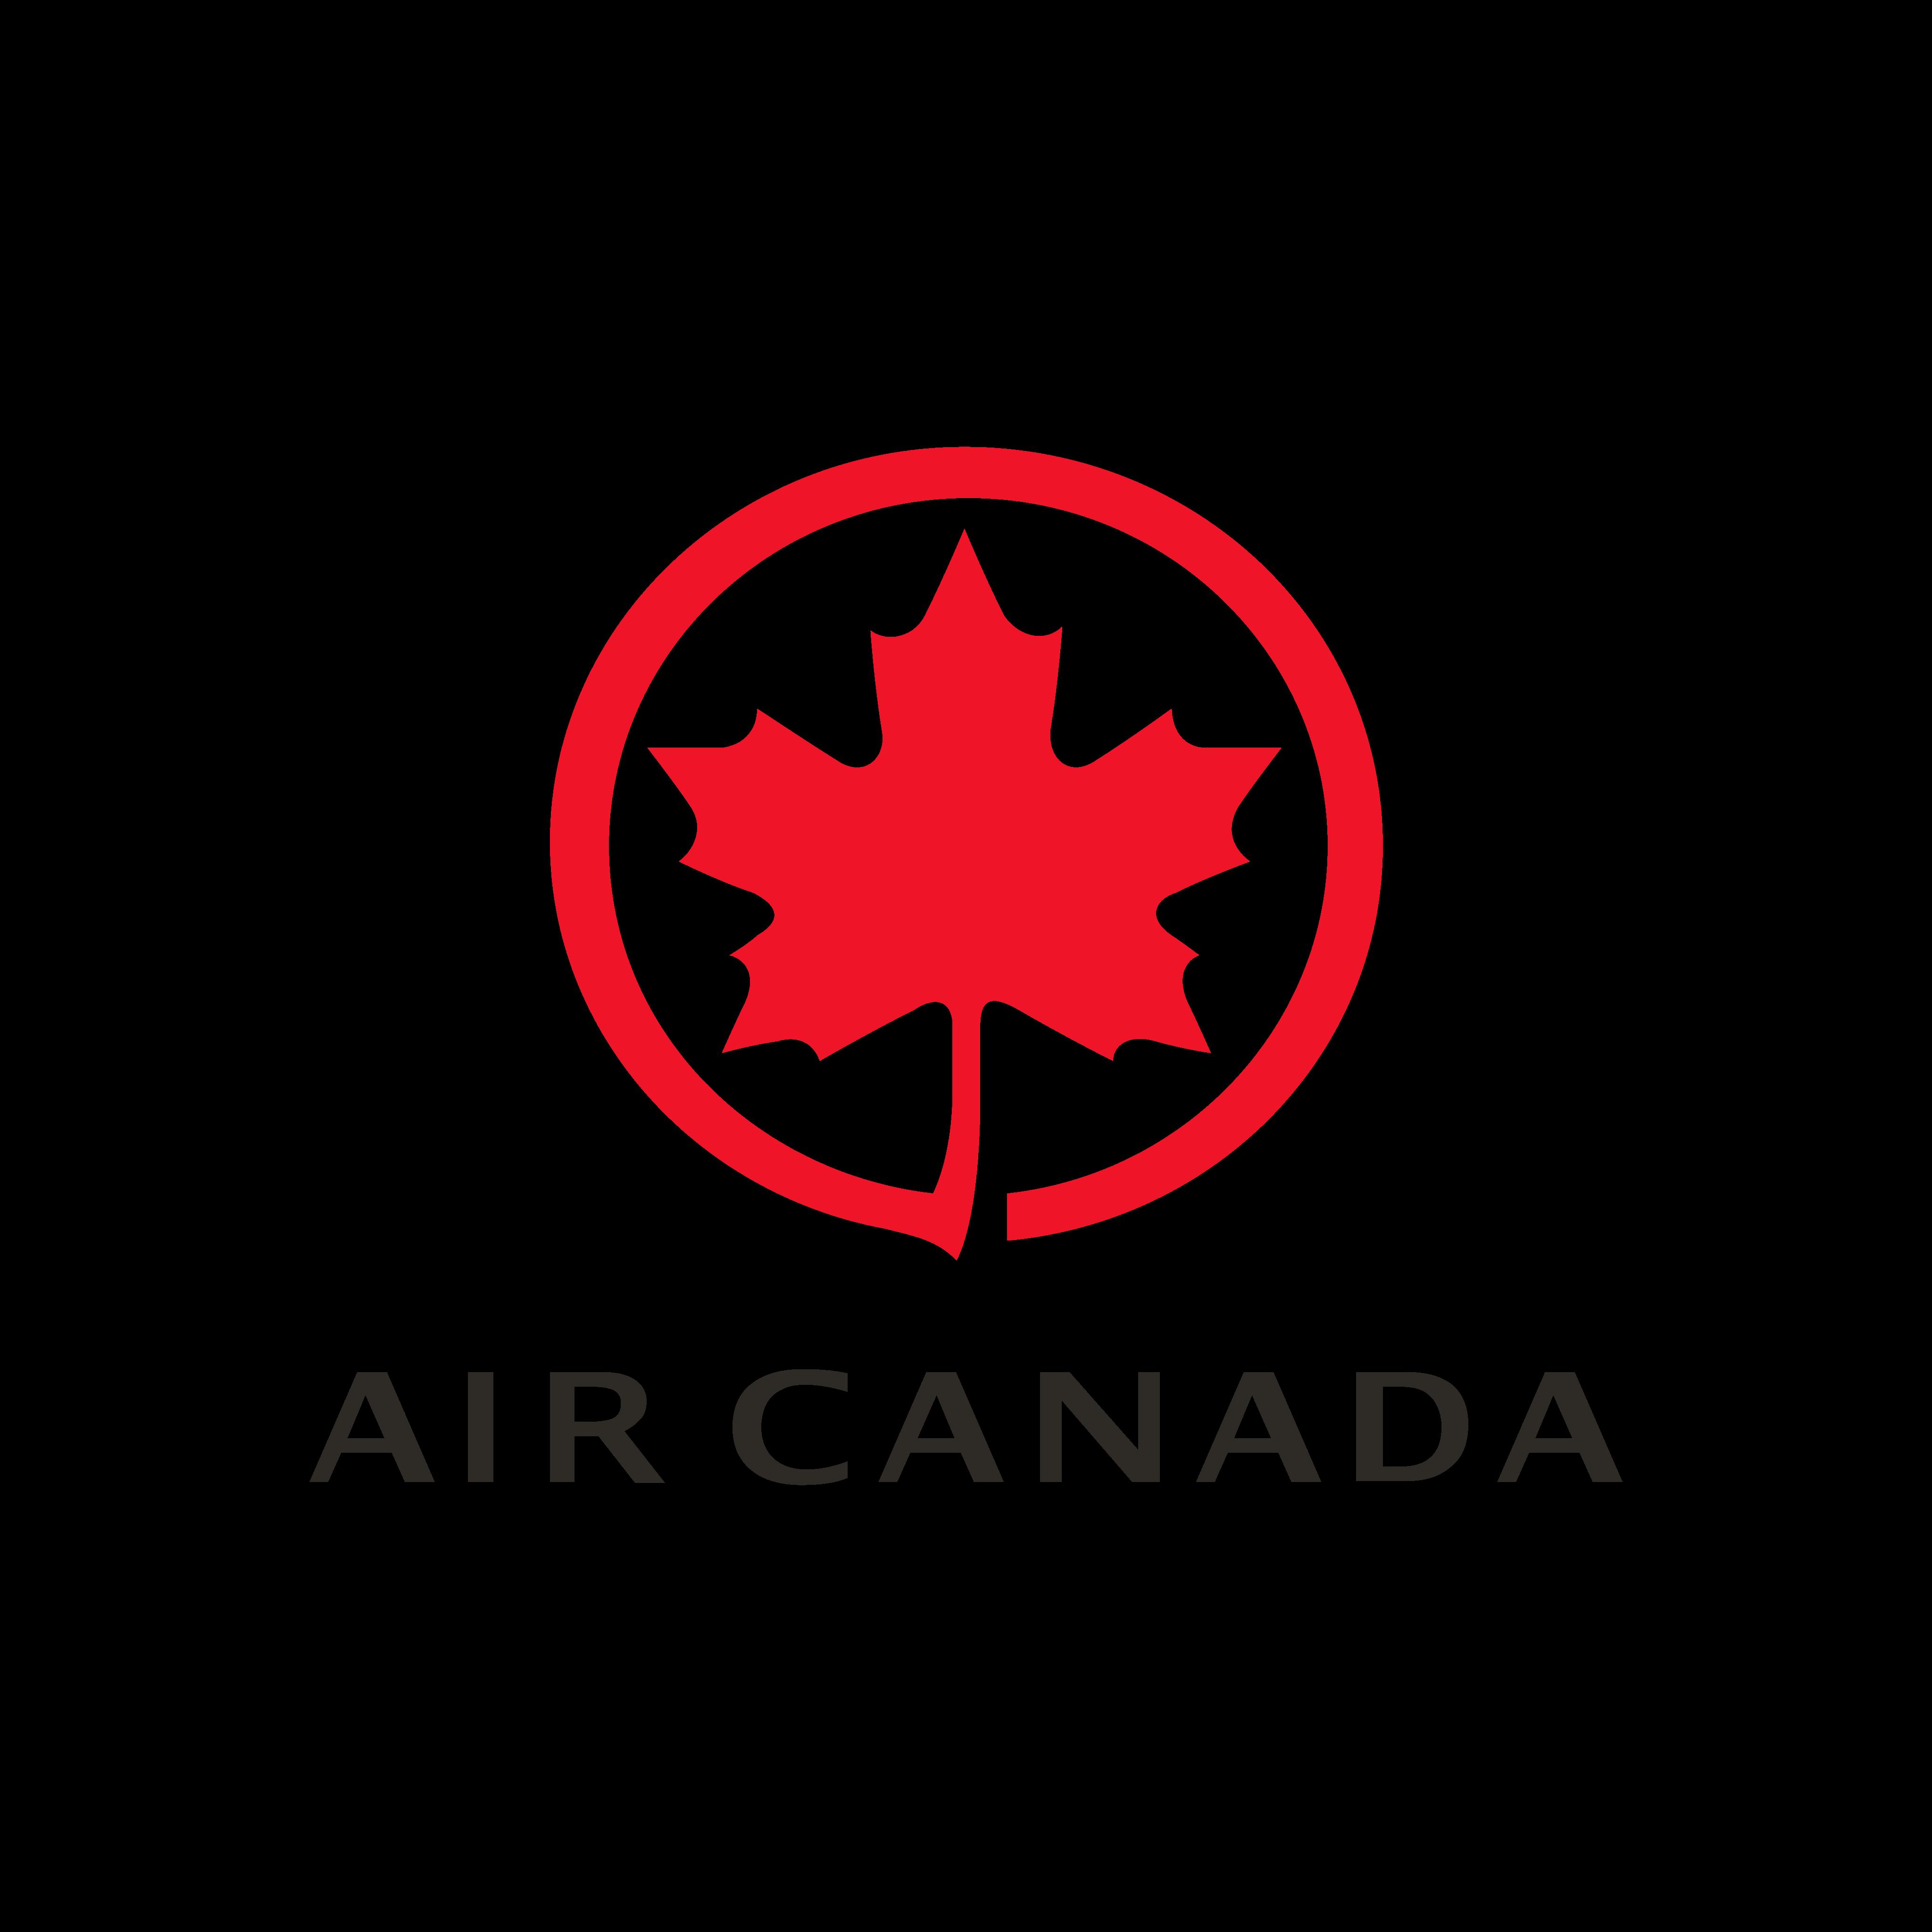 air canada logo 0 - Air Canada Logo